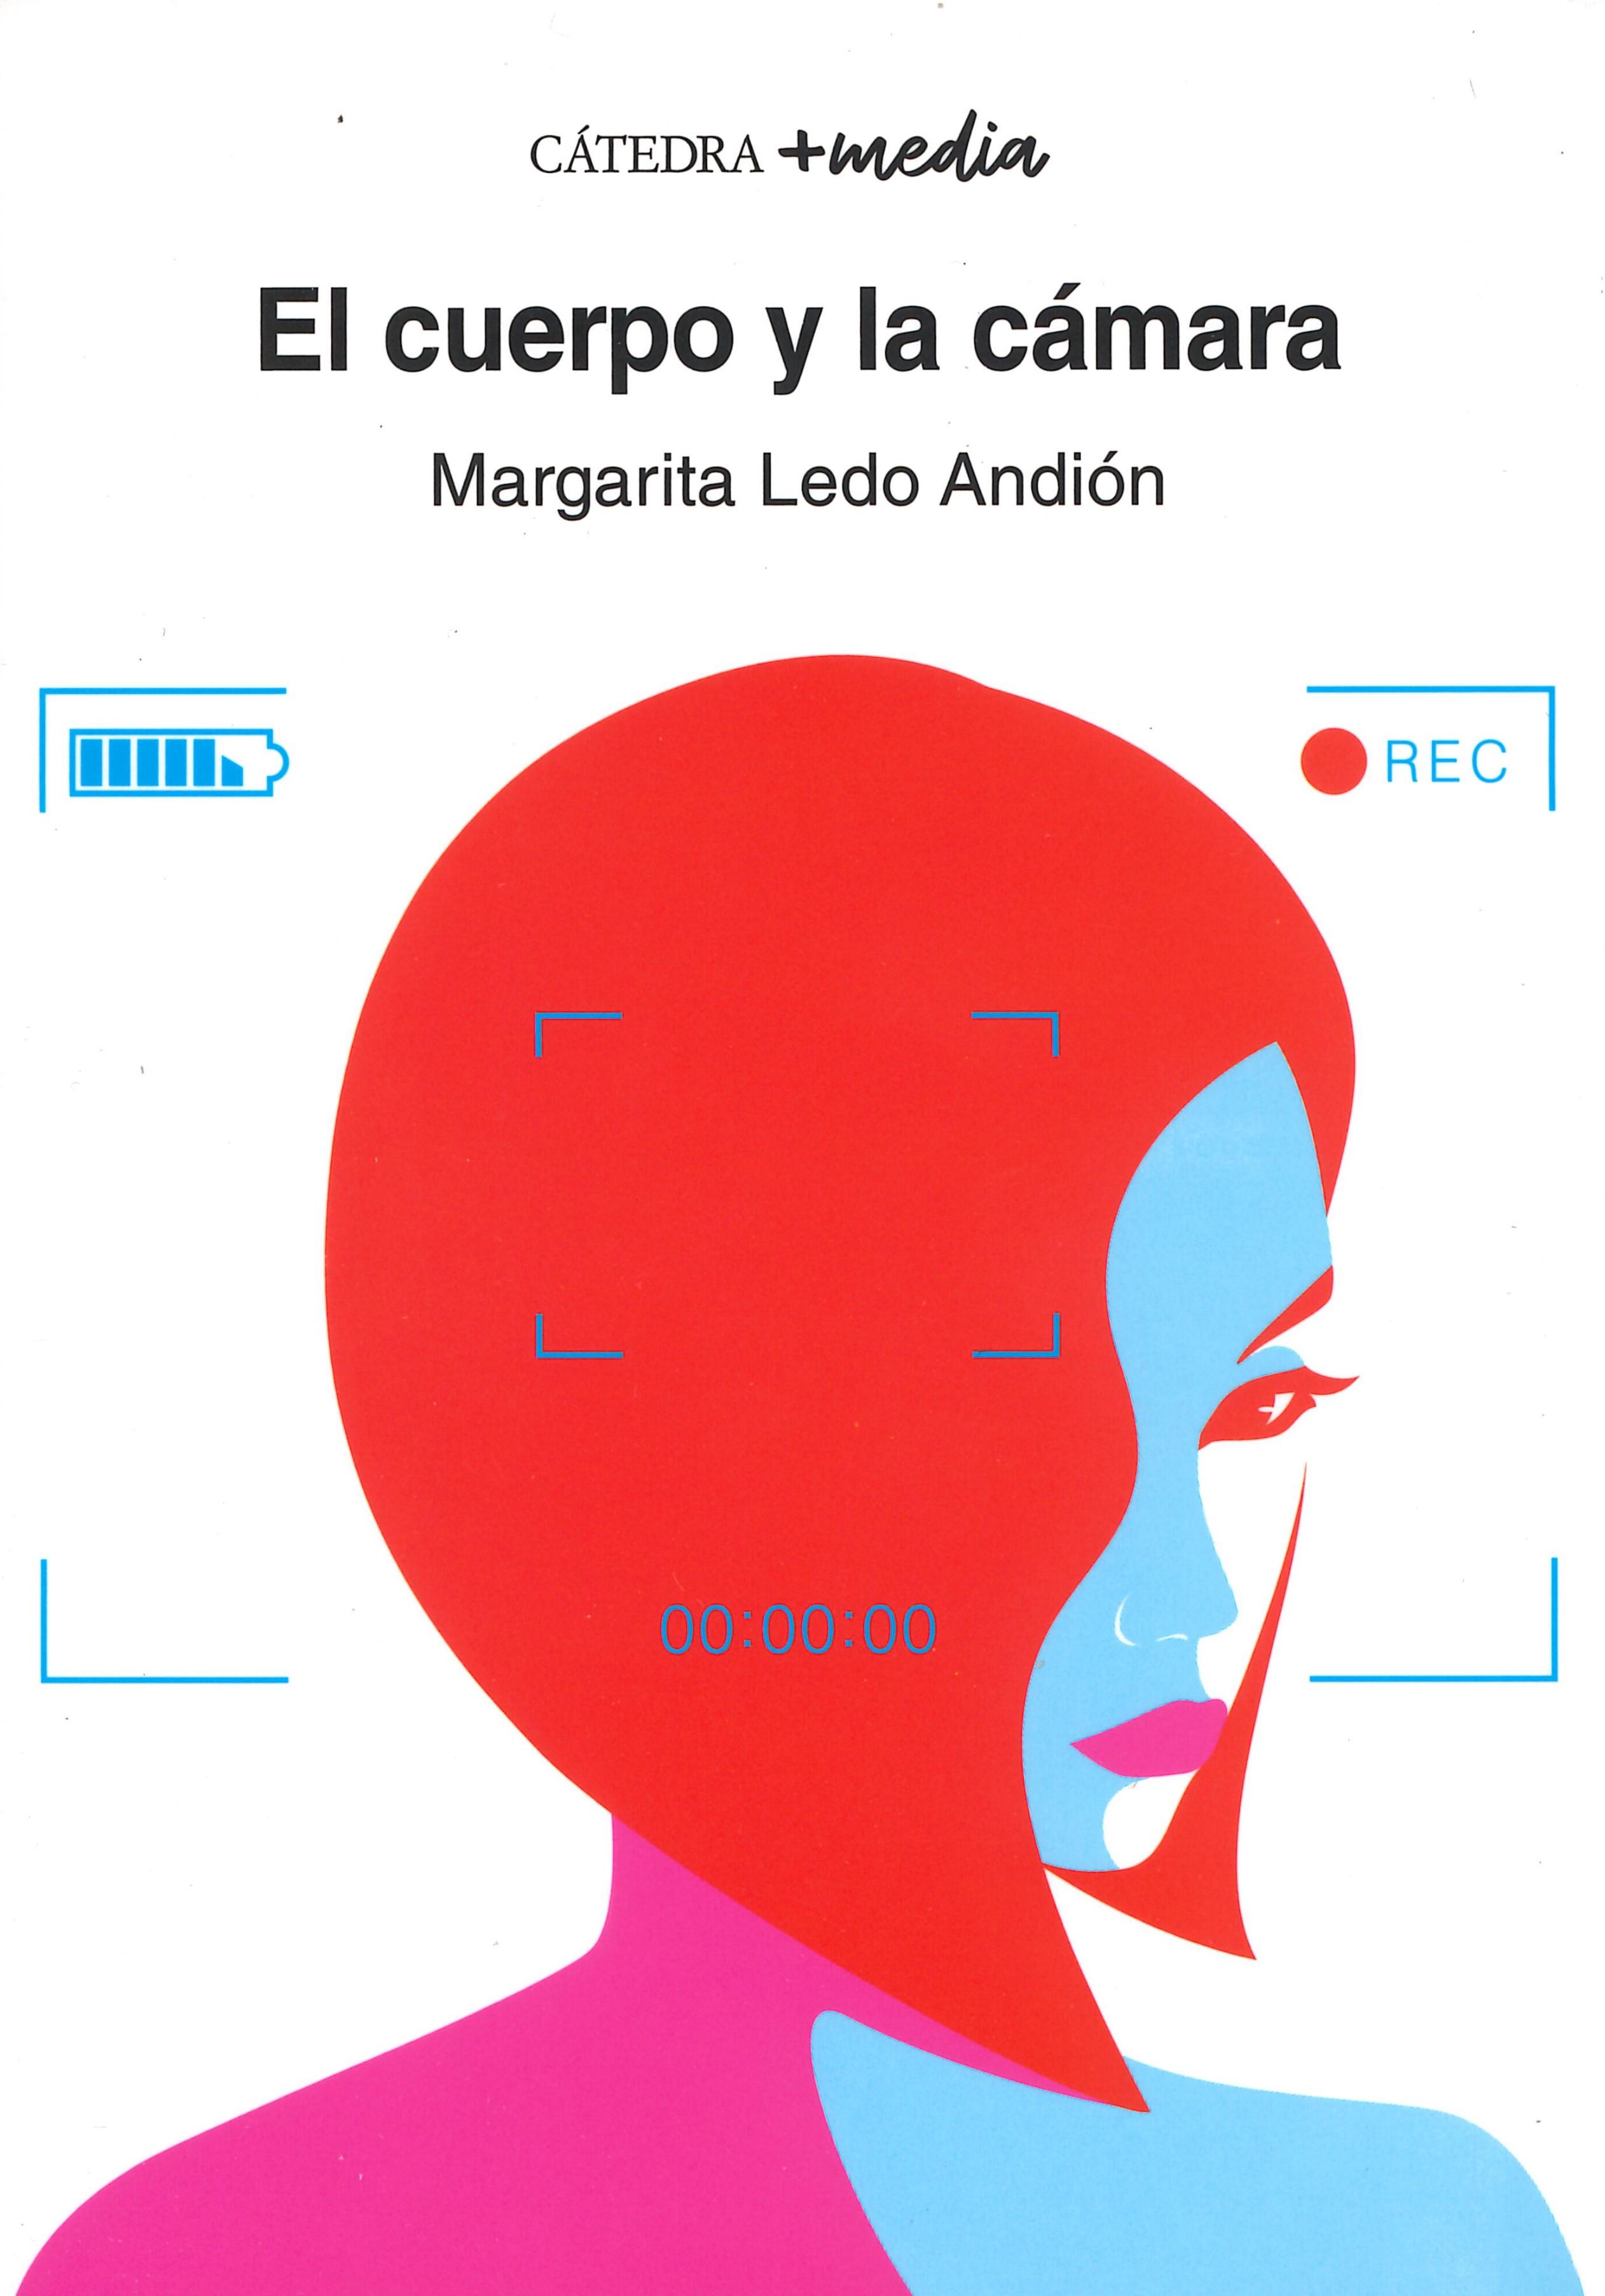 el_cuerpo_y_la_camara.jpg